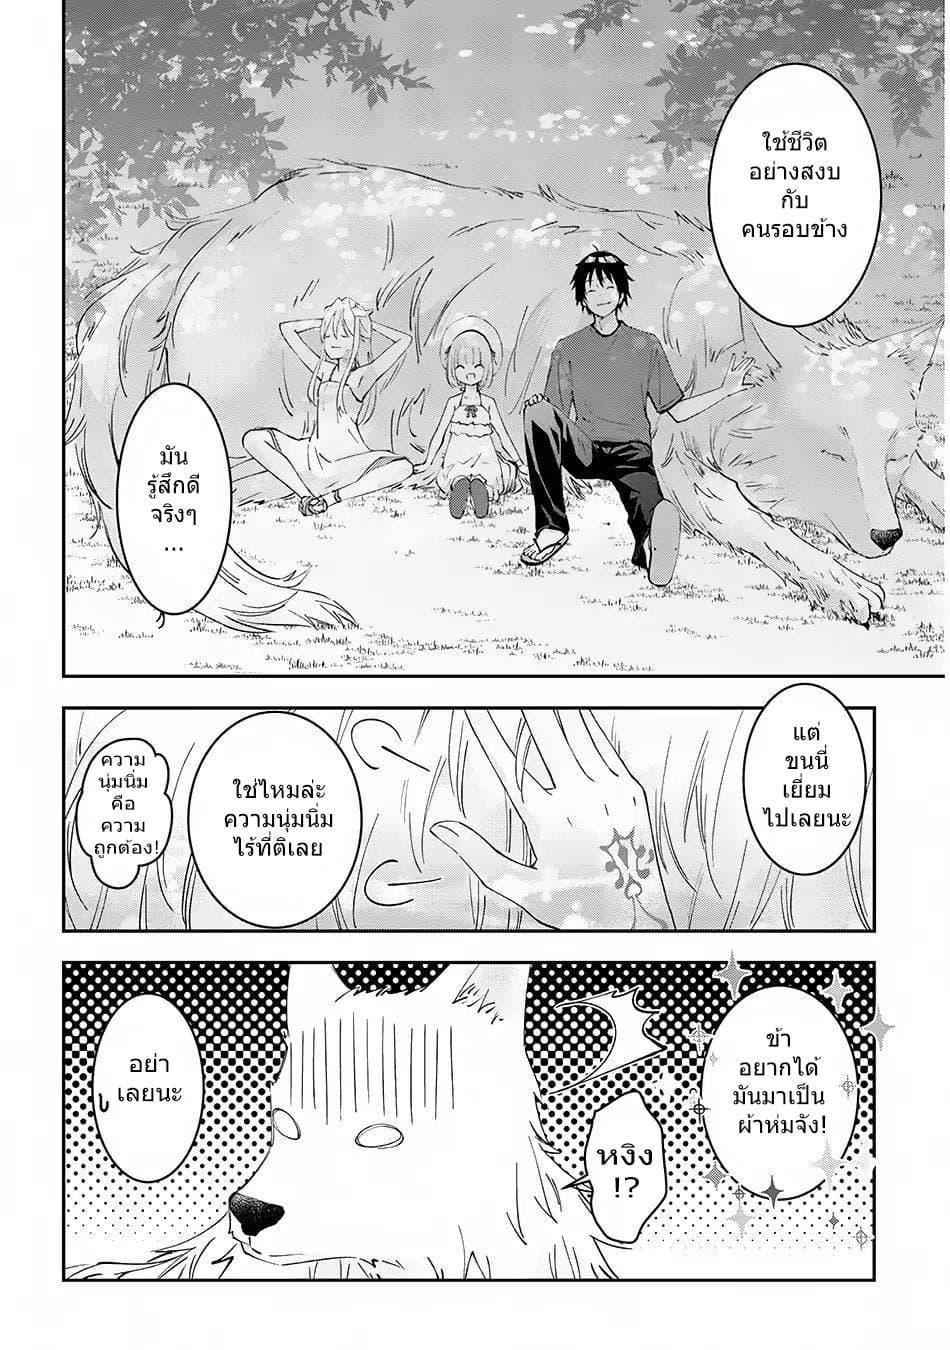 อ่านการ์ตูน Maou ni Natte node Dungeon Tsukutte Jingai Musume to Honobono suru ตอนที่ 14 หน้าที่ 13